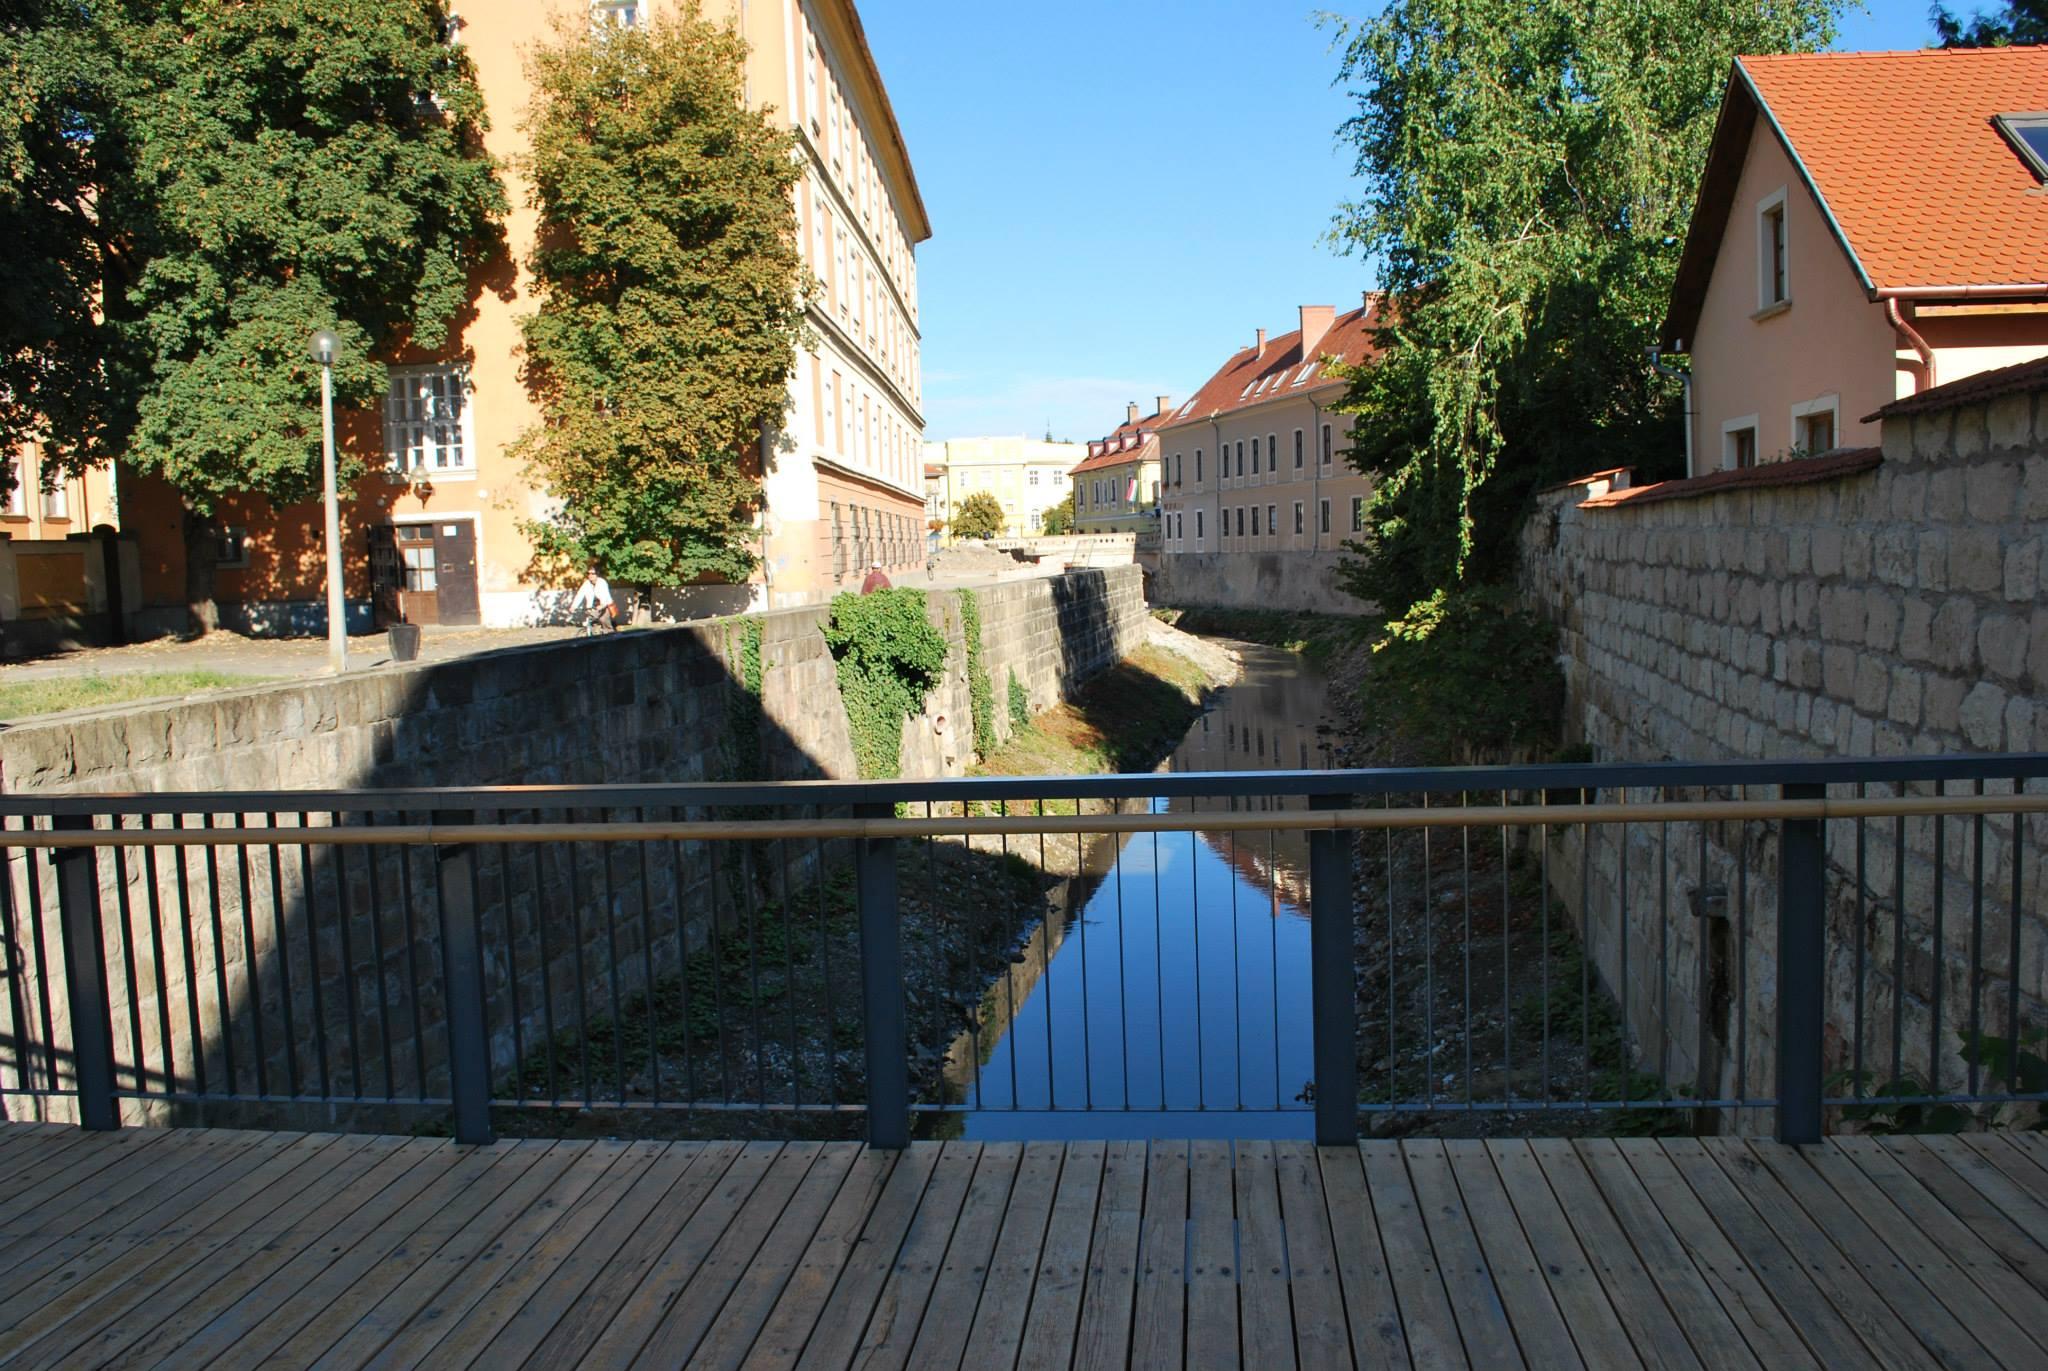 Ez a látószög is újdonság, de híddal egy egész utca kapcsolódott szorosabban a városhoz